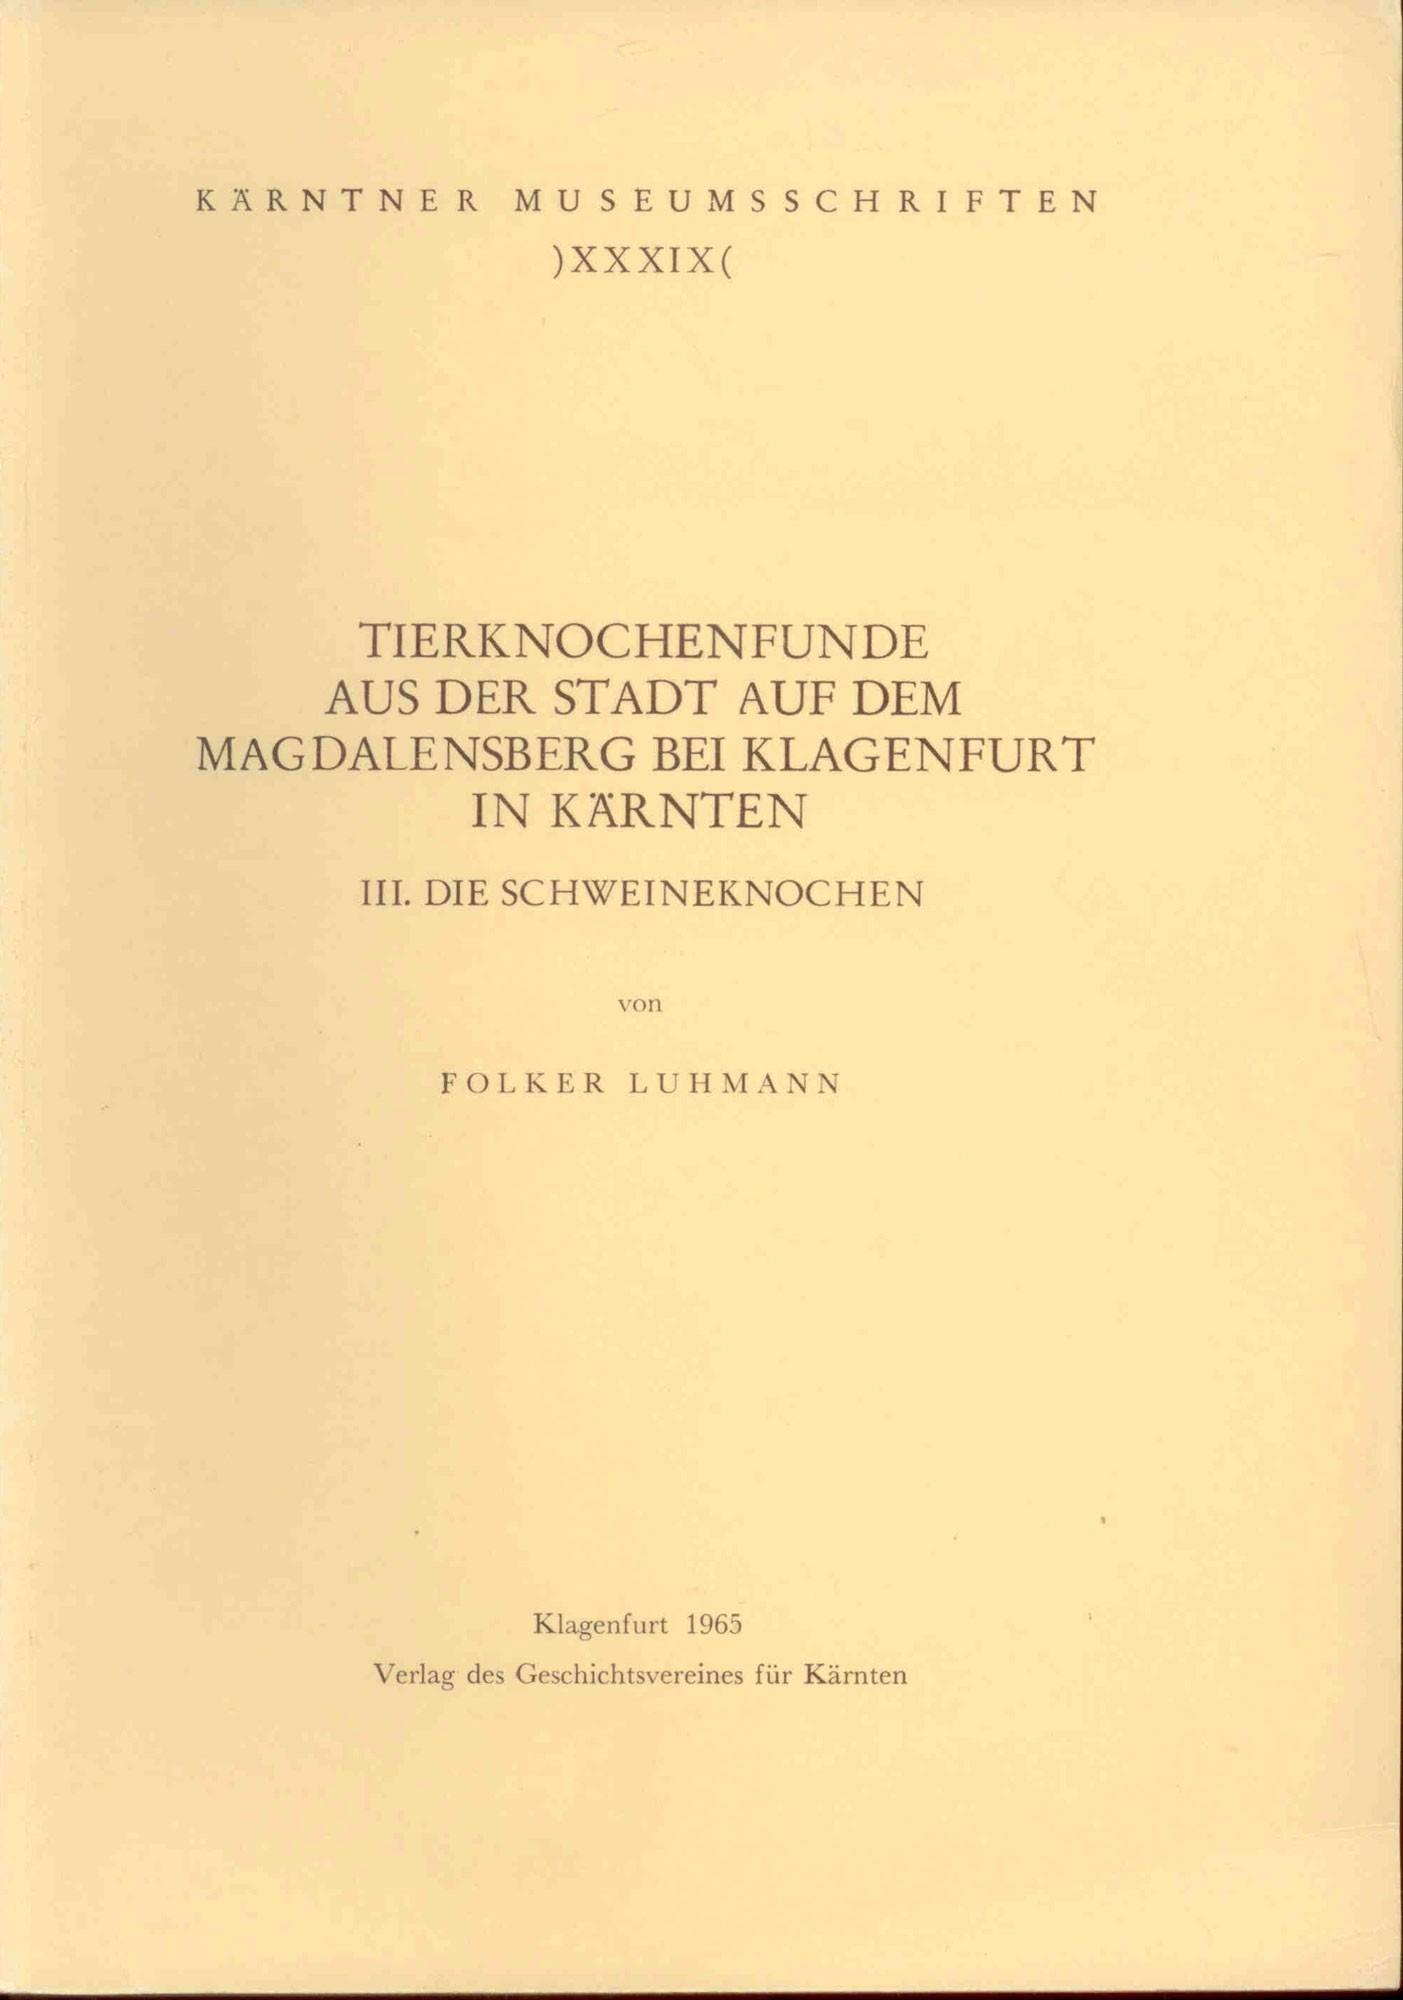 Luhmann, F.: Tierknochenfunde aus der Stadt auf dem Magdalensberg bei Klagenfurt in Kärnten. III. Schweineknochen.